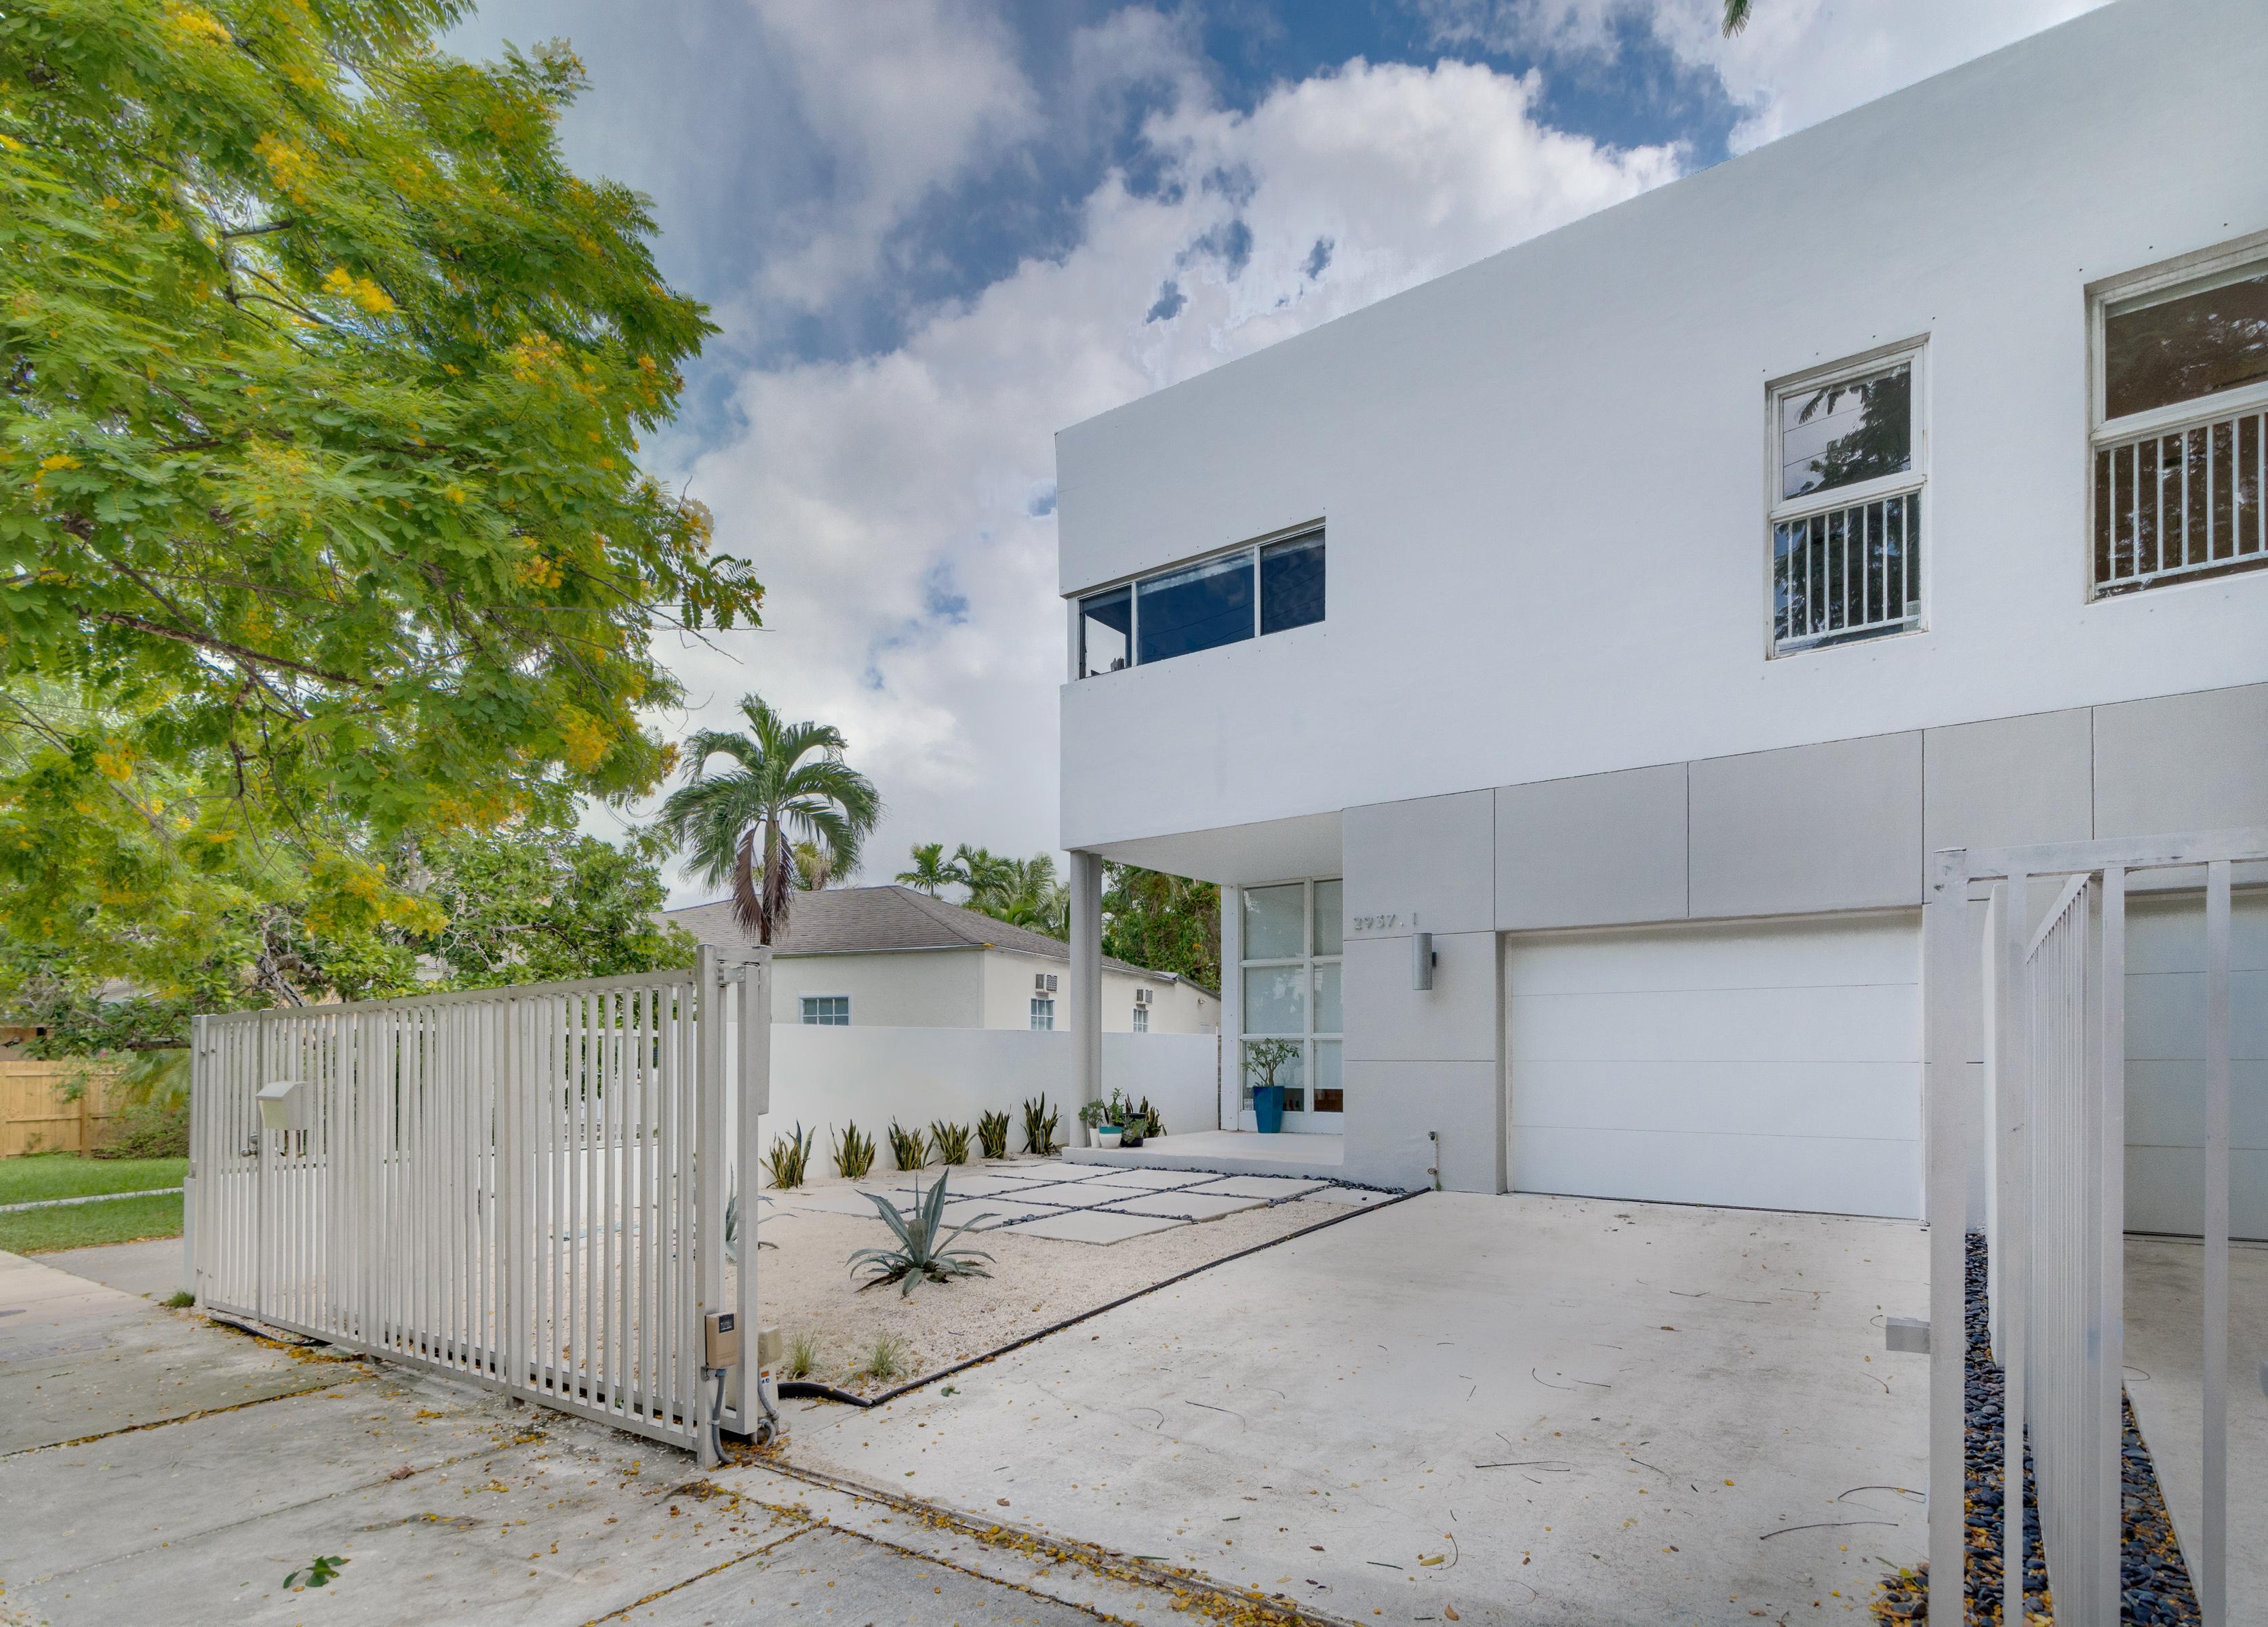 Stadthaus für Verkauf beim 2937 Sw 30 Court #1 2937 Sw 30 Court 1 Miami, Florida, 33133 Vereinigte Staaten